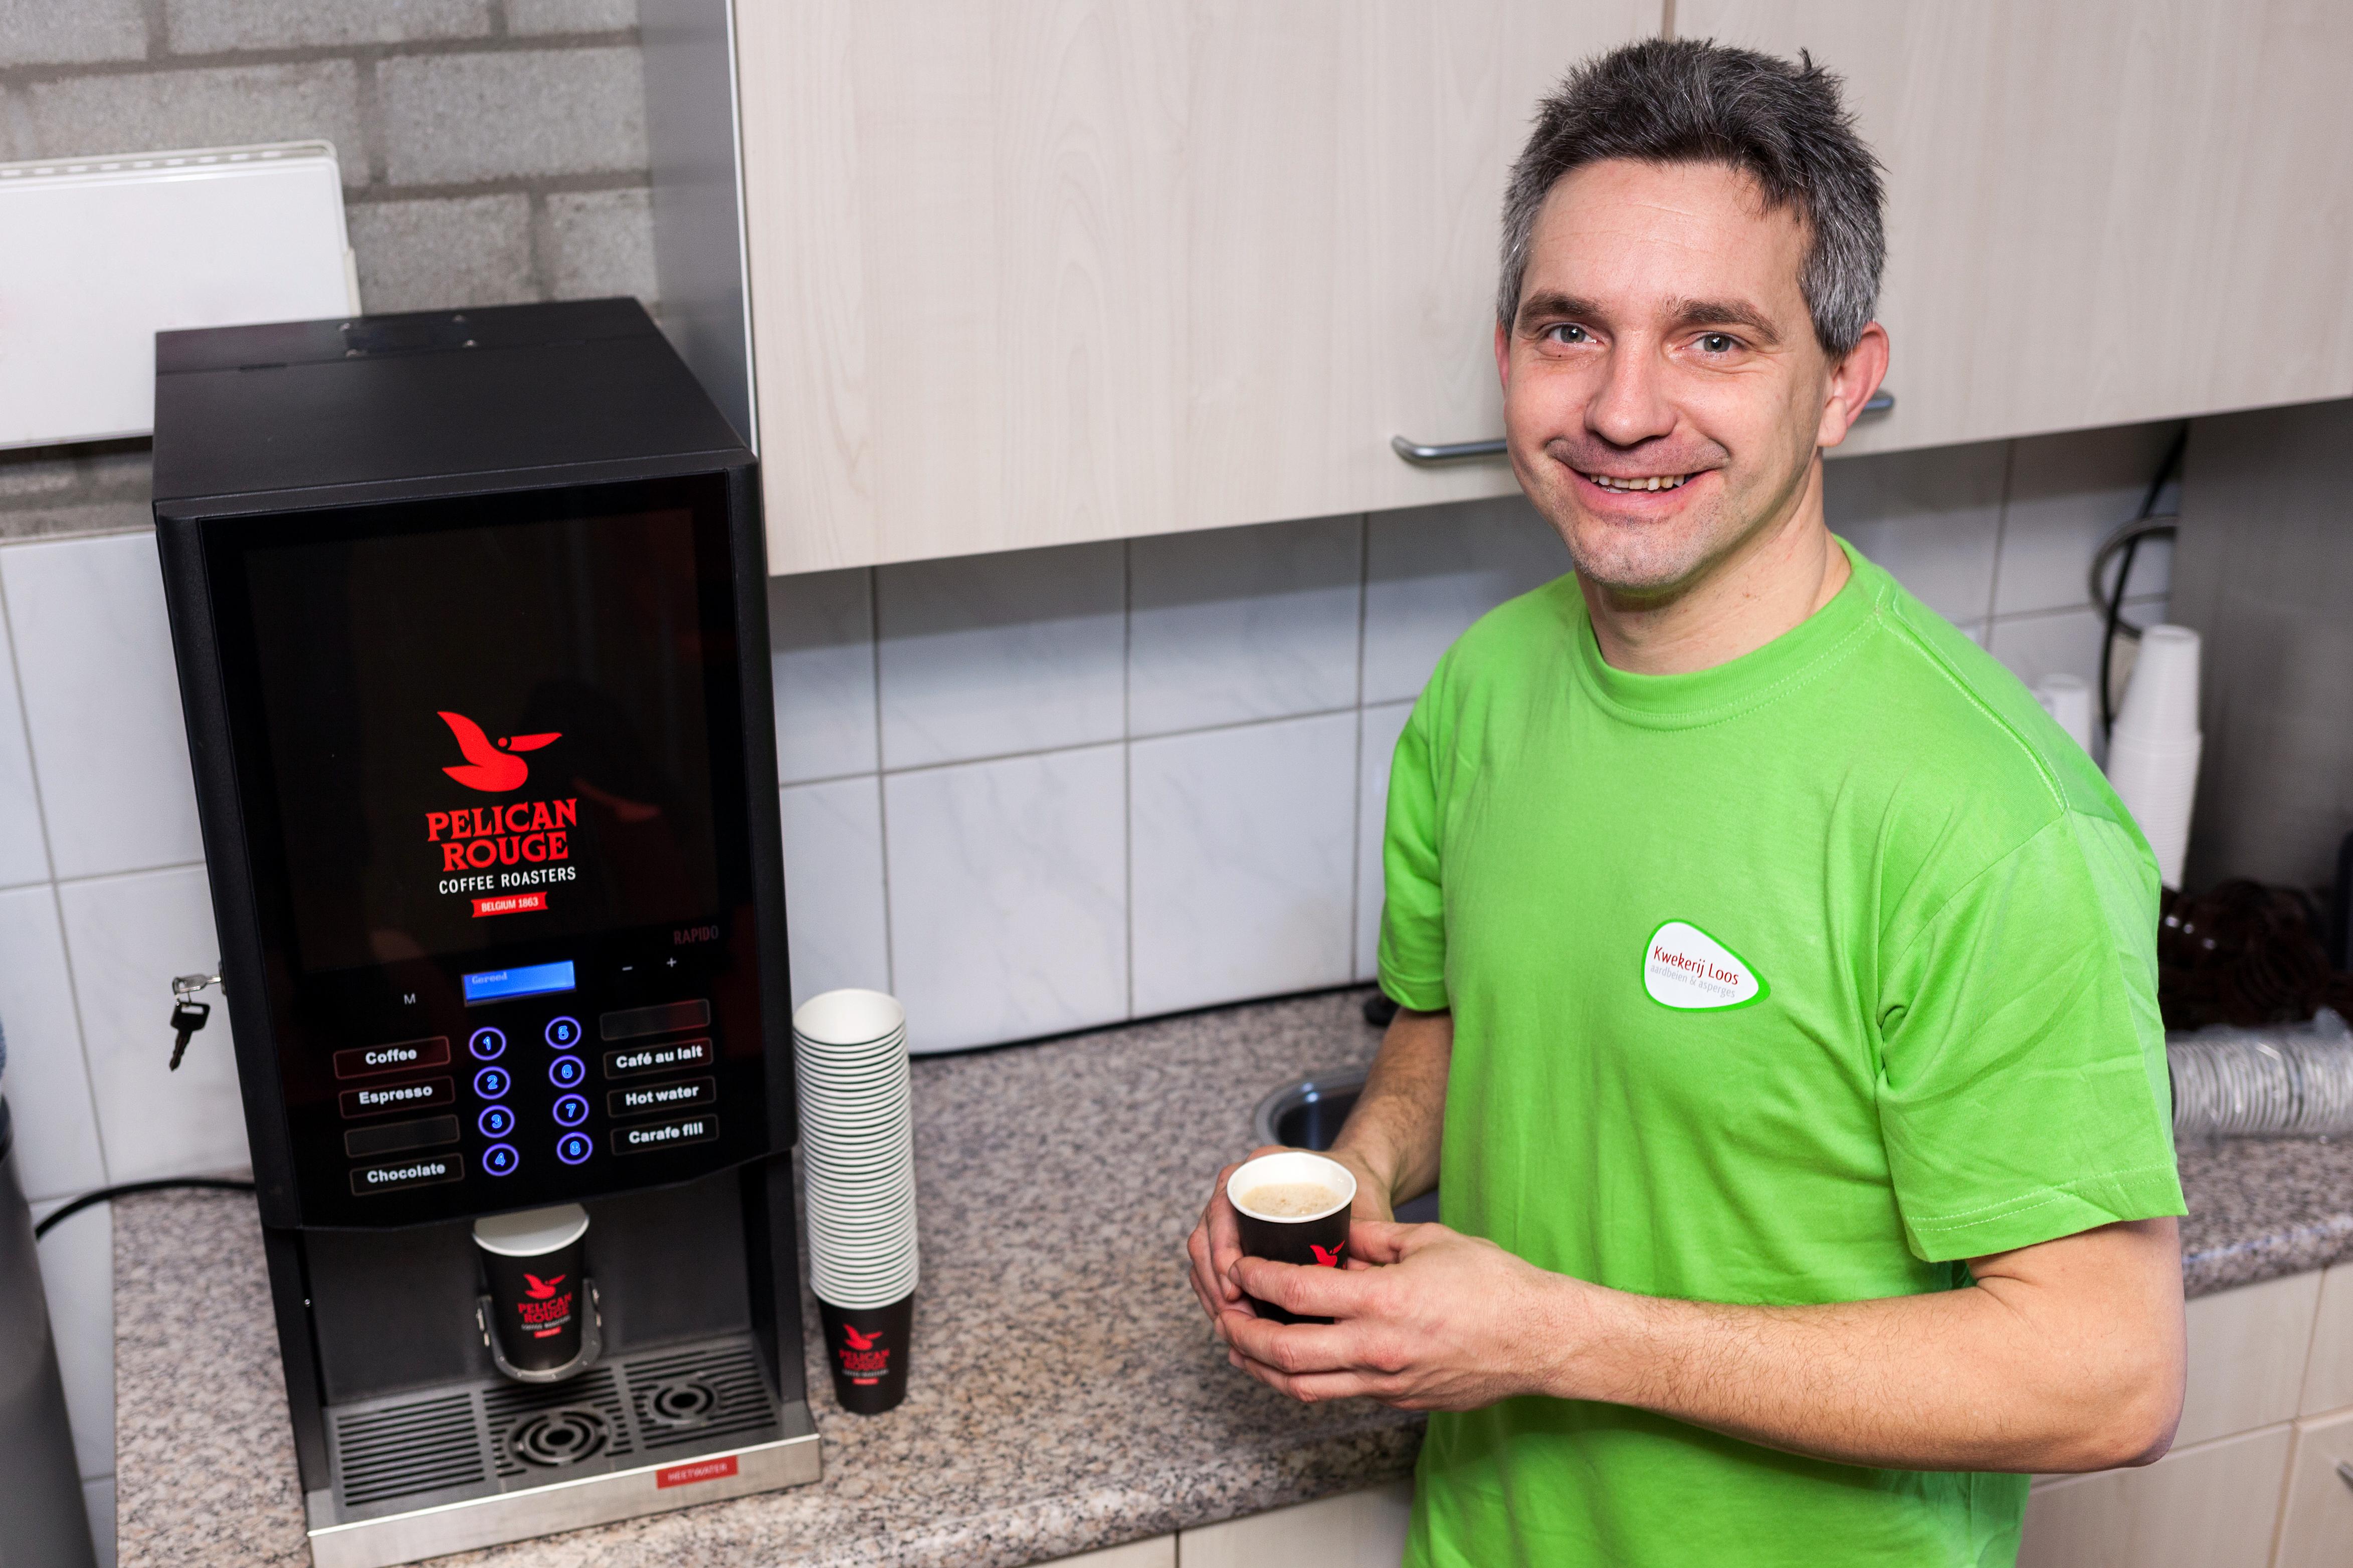 Koffie Image